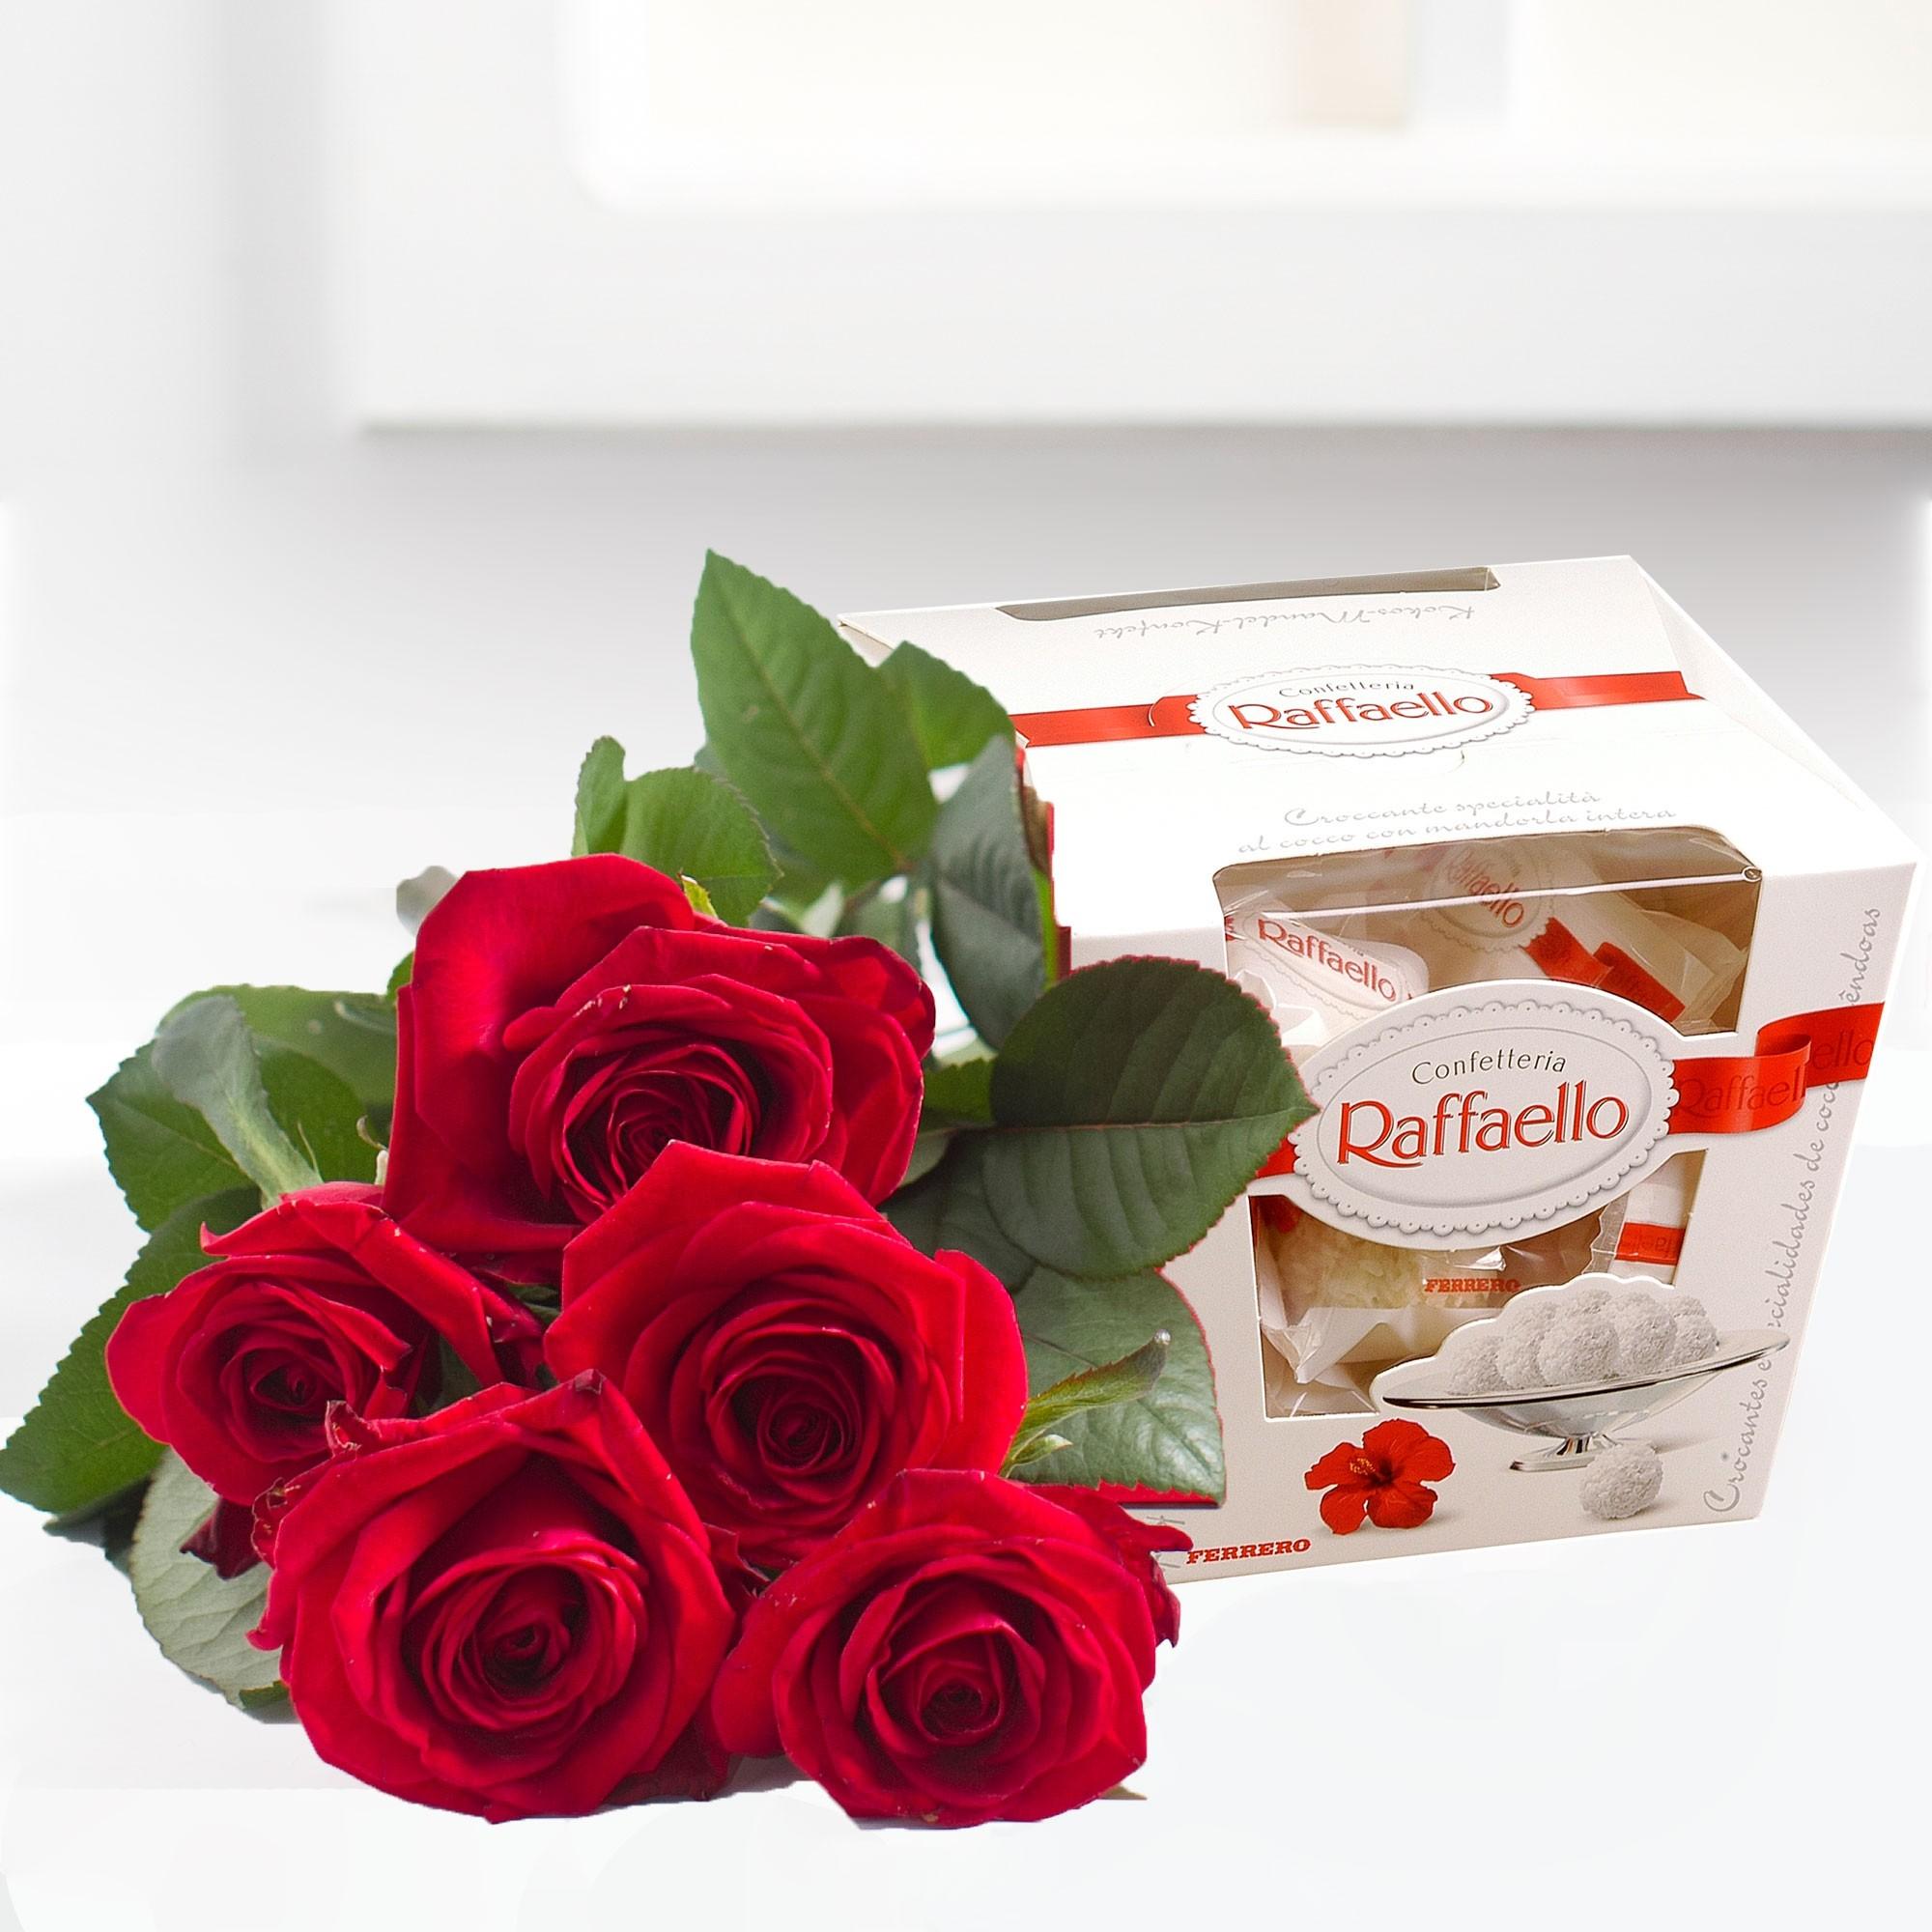 5 czerwonych róż i Raffaello